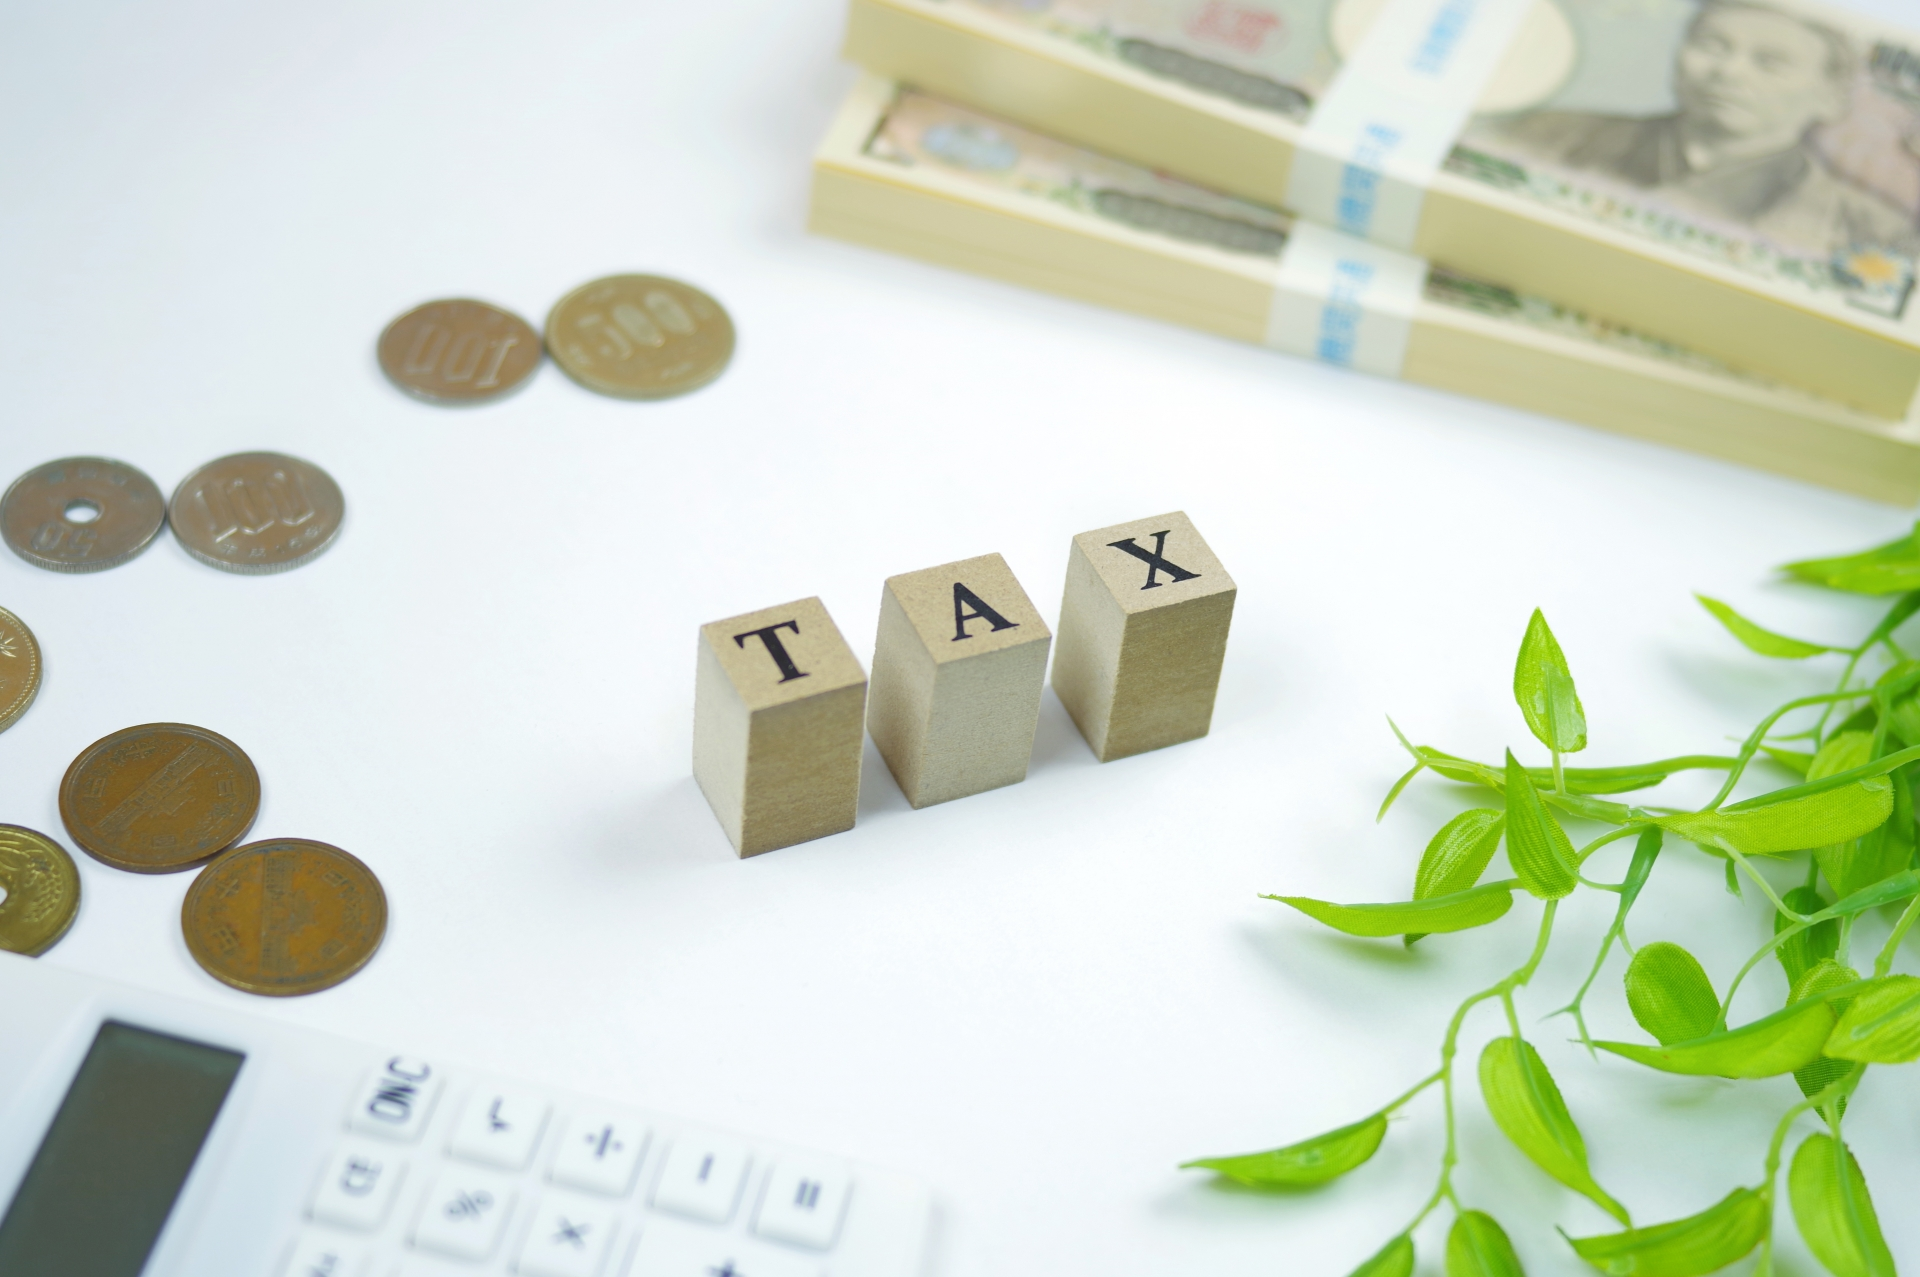 消費税って何に使われてるの?